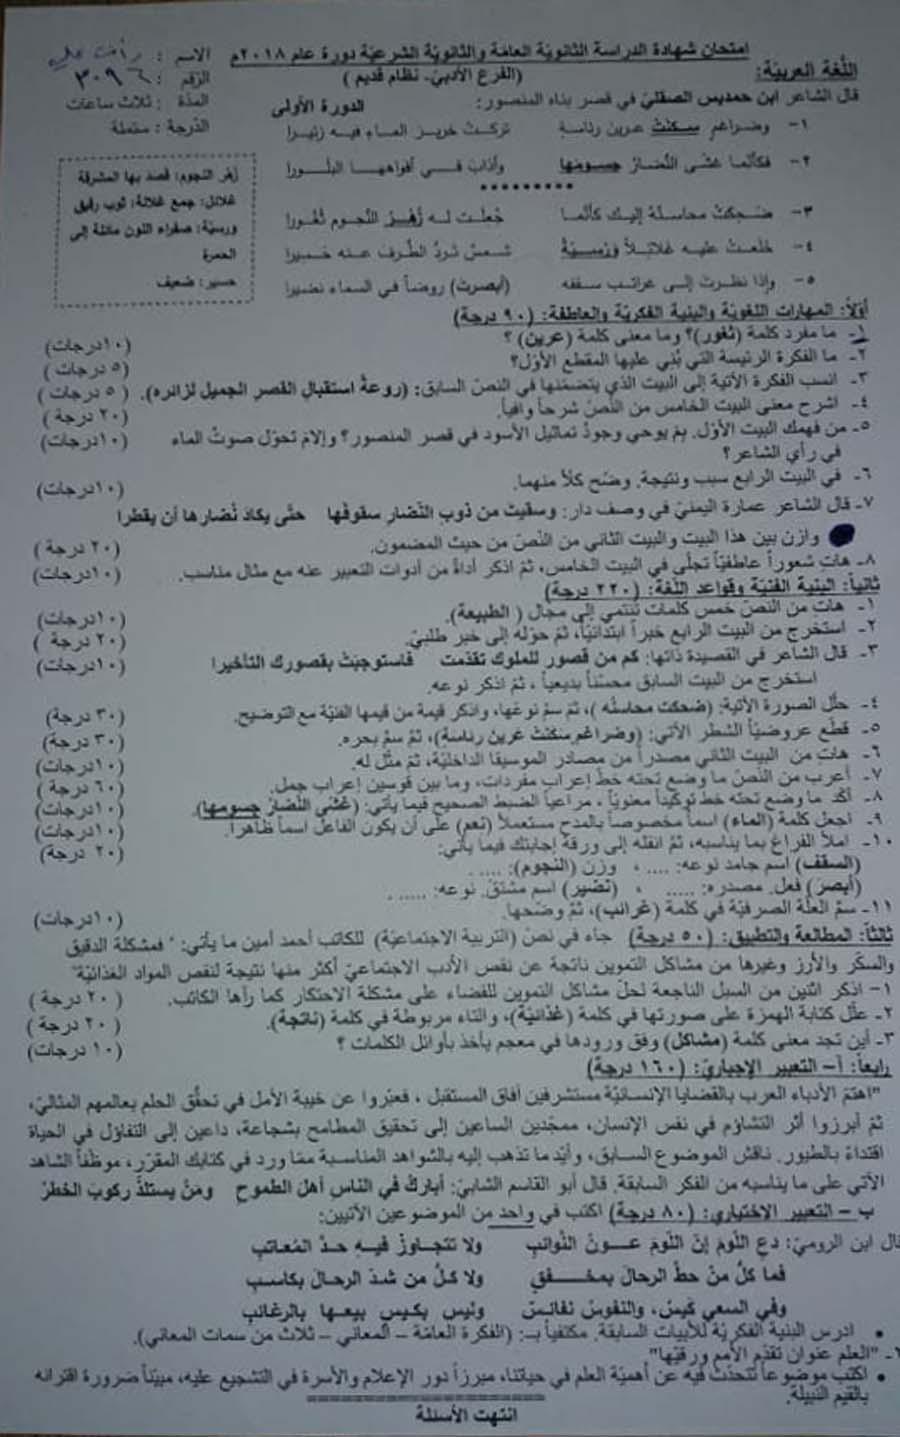 ورقة اسئلة امتحانات 2018 عربي بكالوريا ادبي وشرعي دورة اولى مع الحل